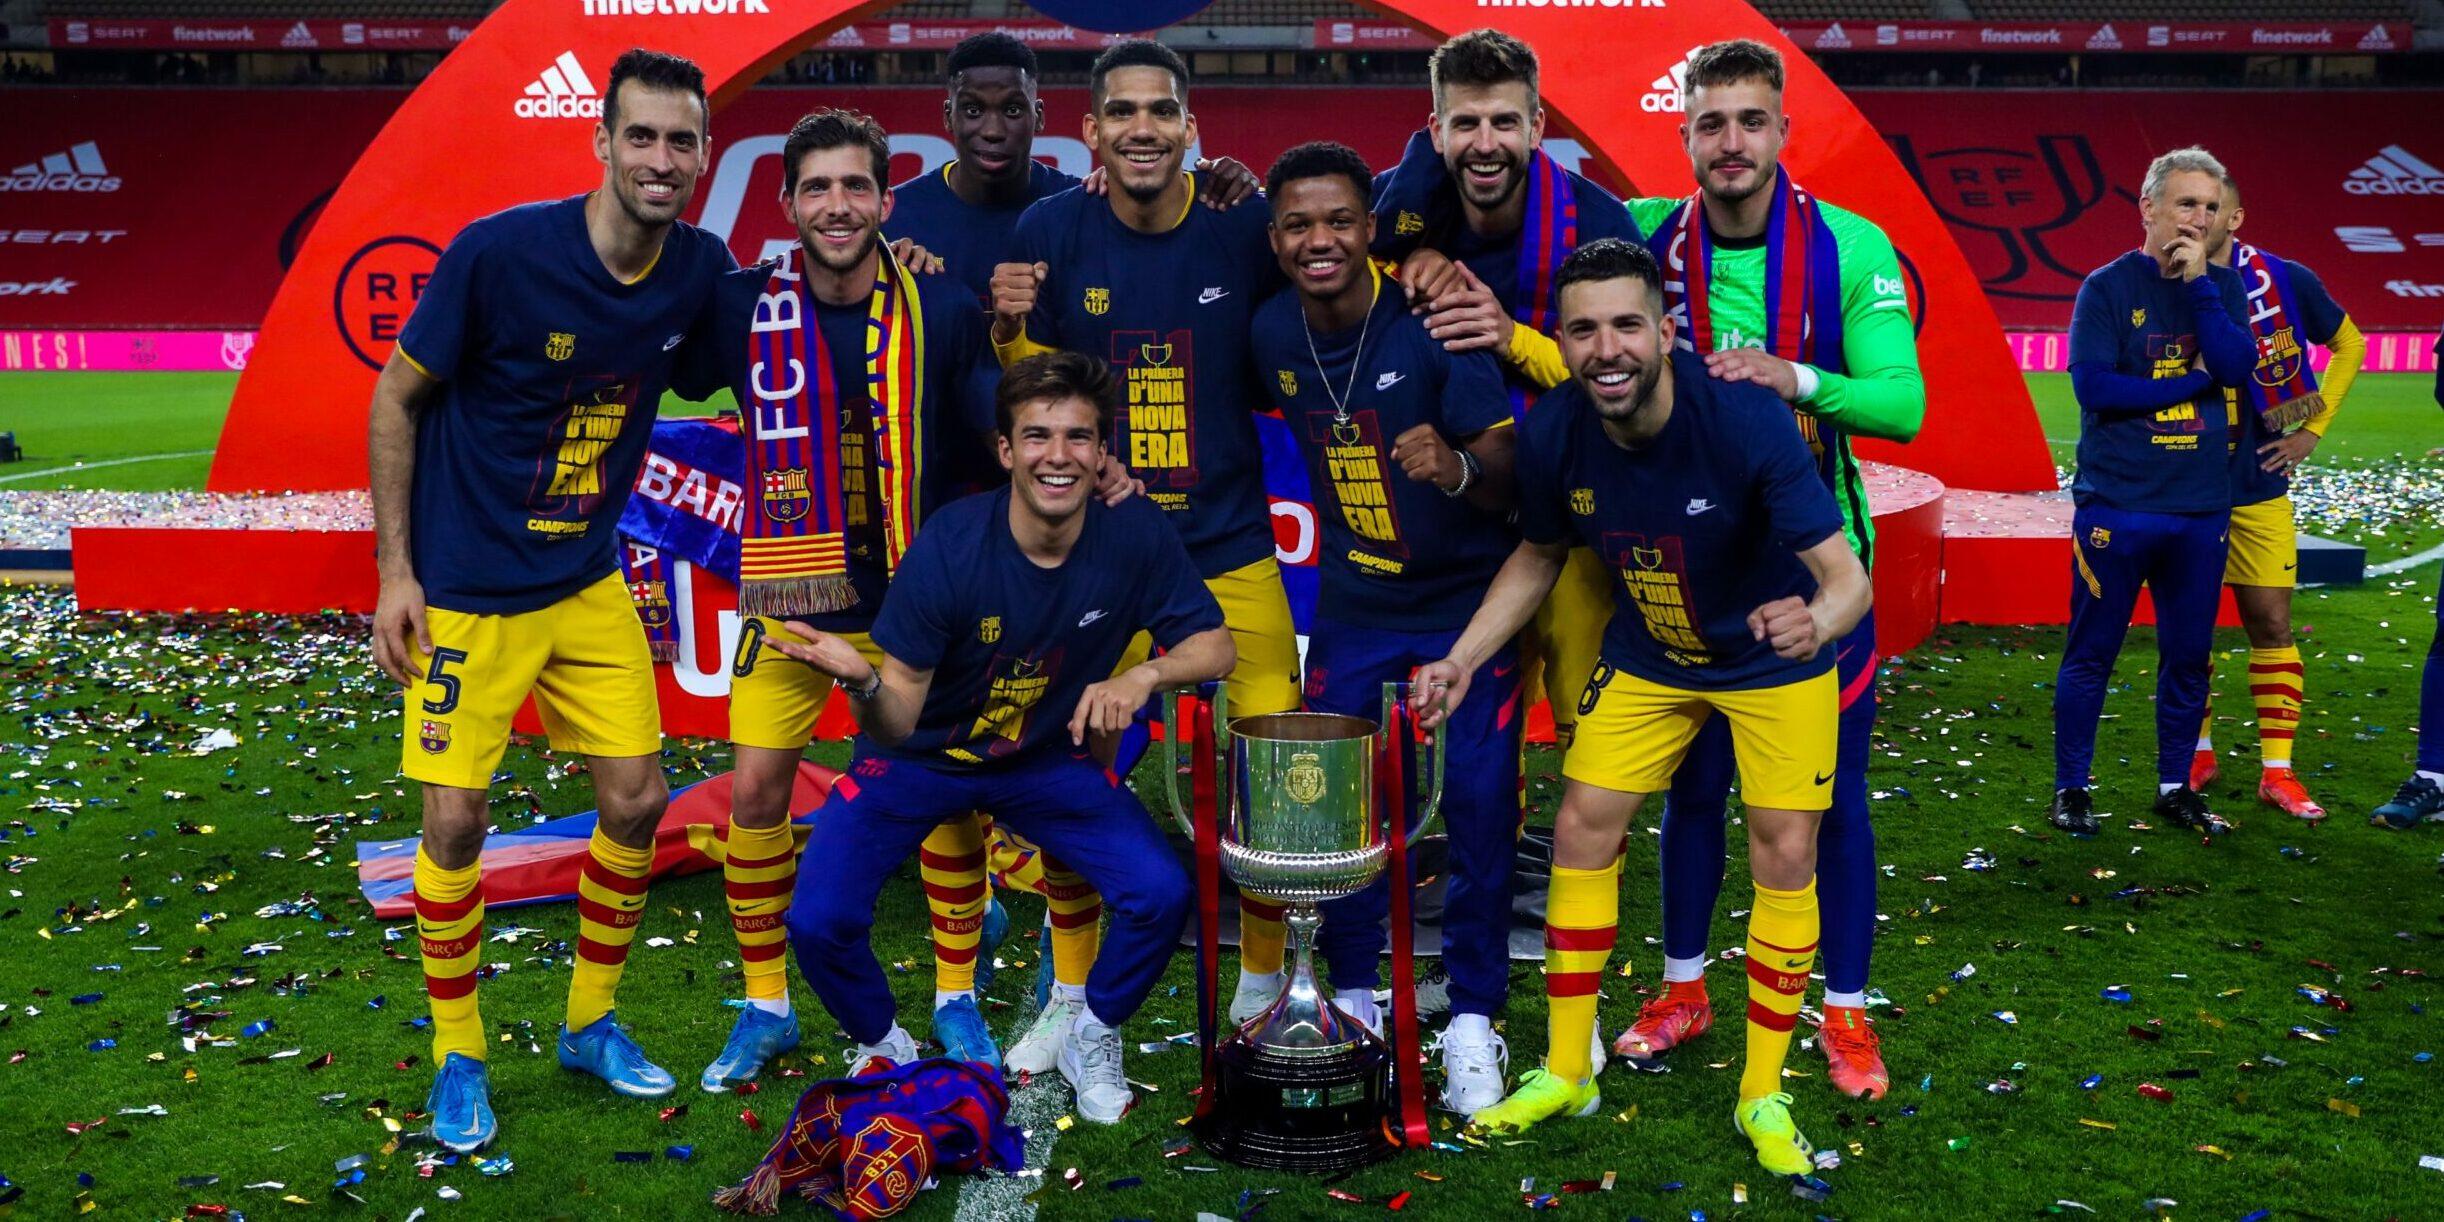 Els jugadors de La Masia celebrant la Copa | FCB